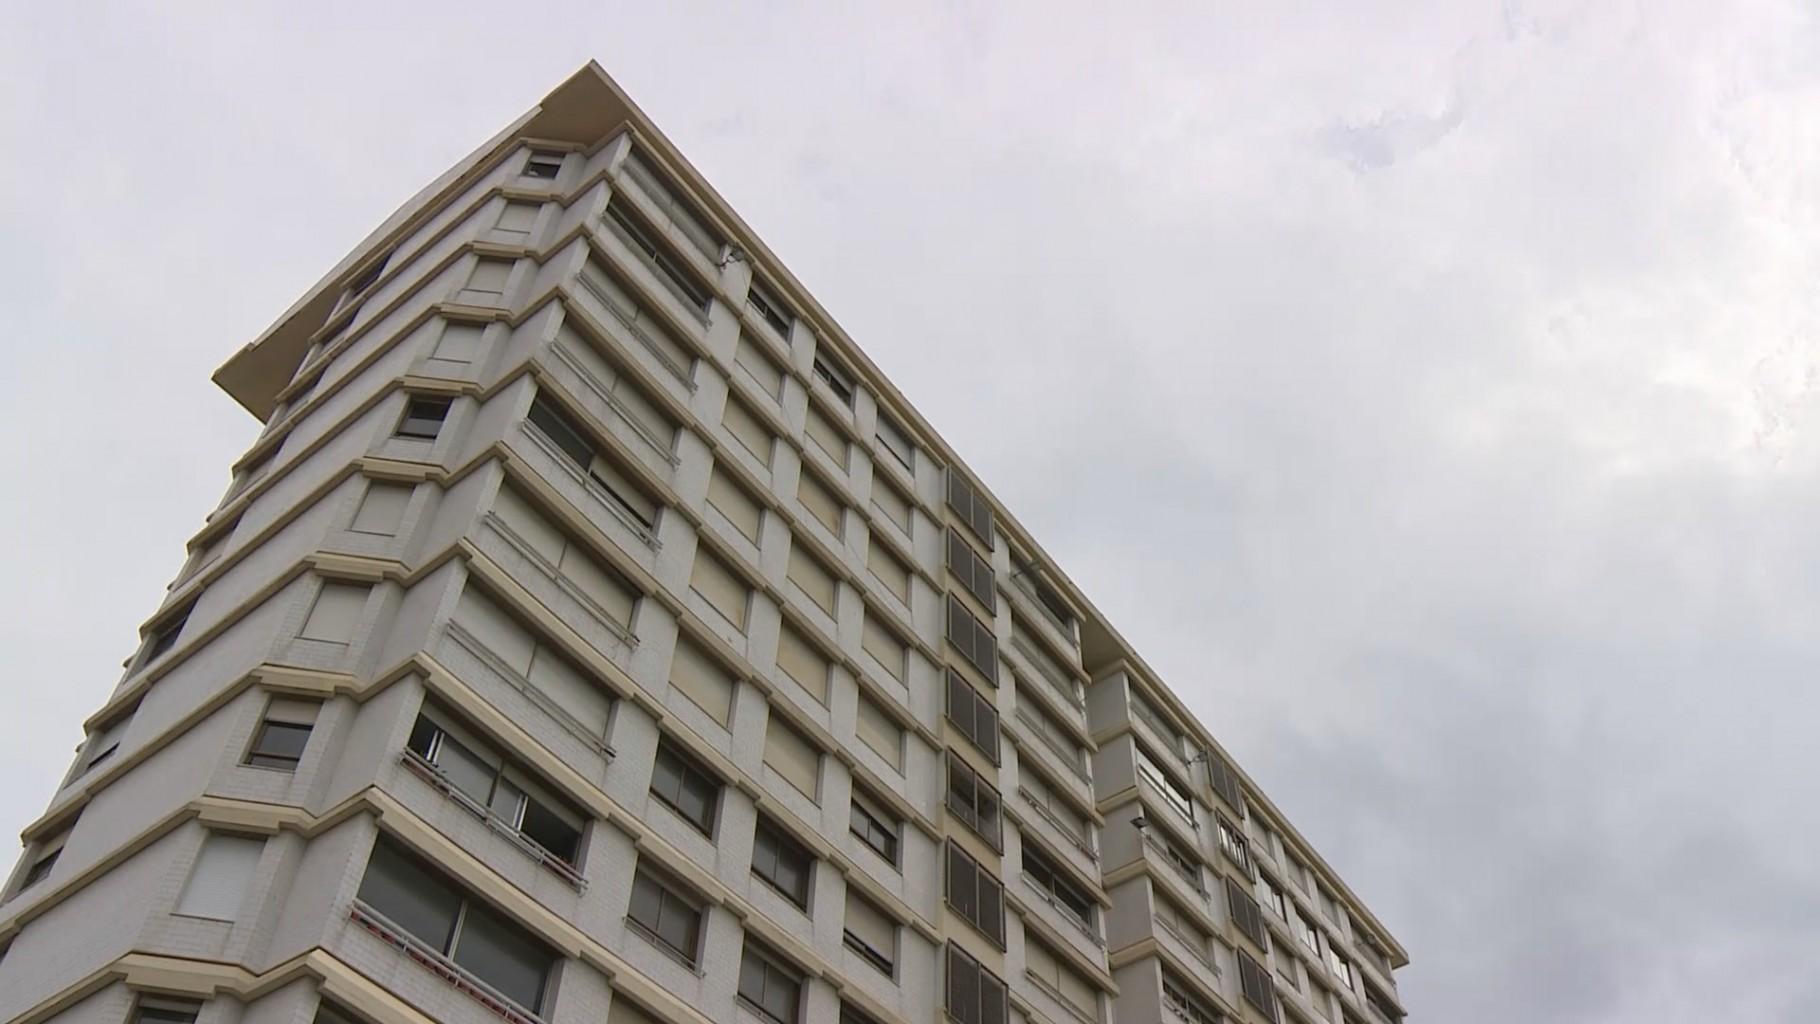 Moradores garantem deter 11 frações do prédio Coutinho em Viana do Castelo